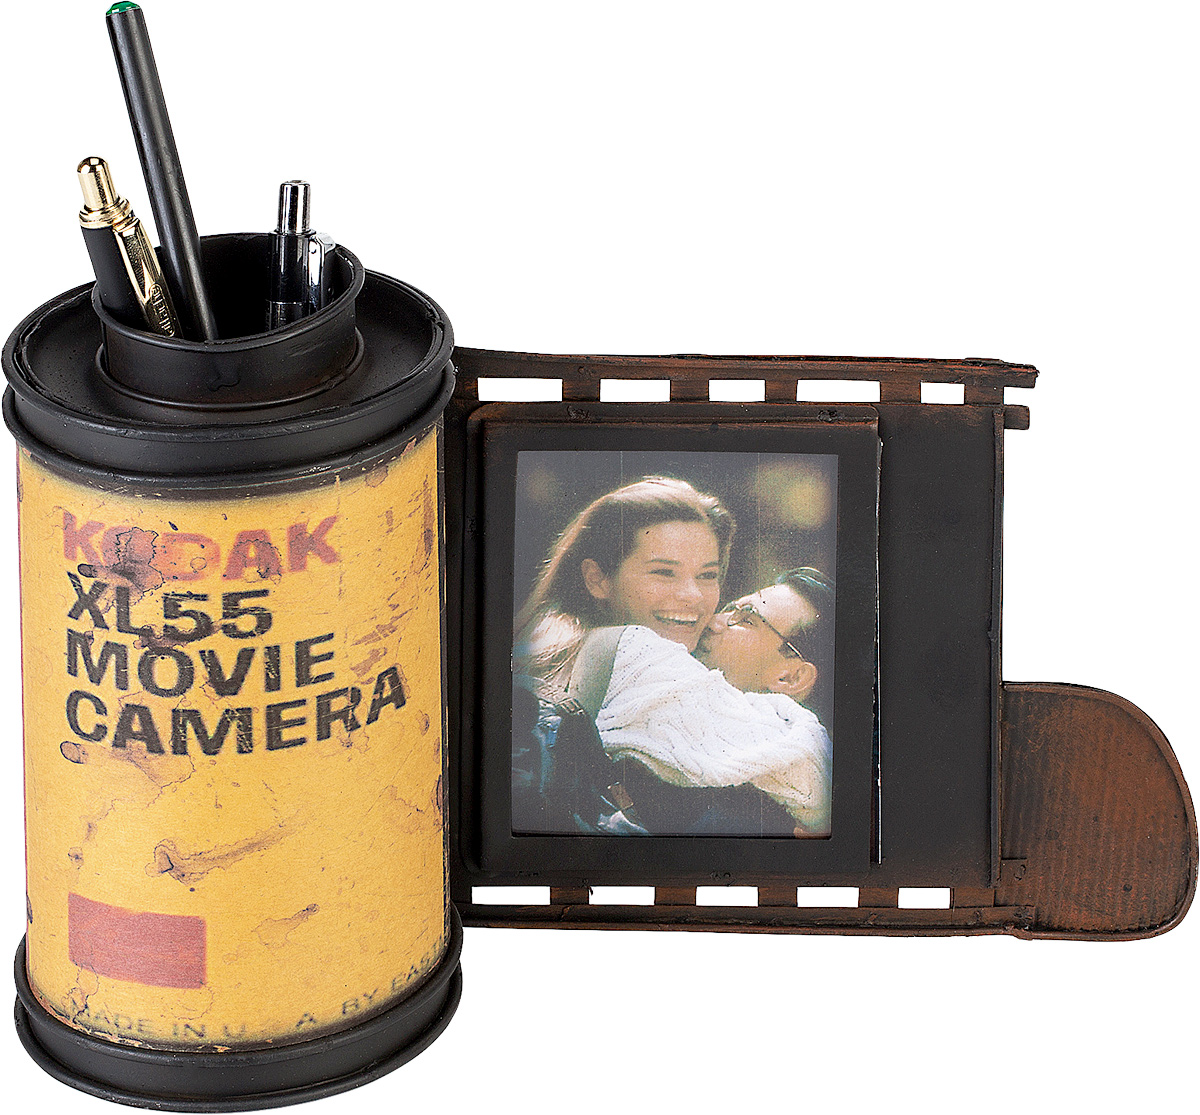 цена на Подставка для ручек Platinum Фотопленка. Kodak, с фоторамкой